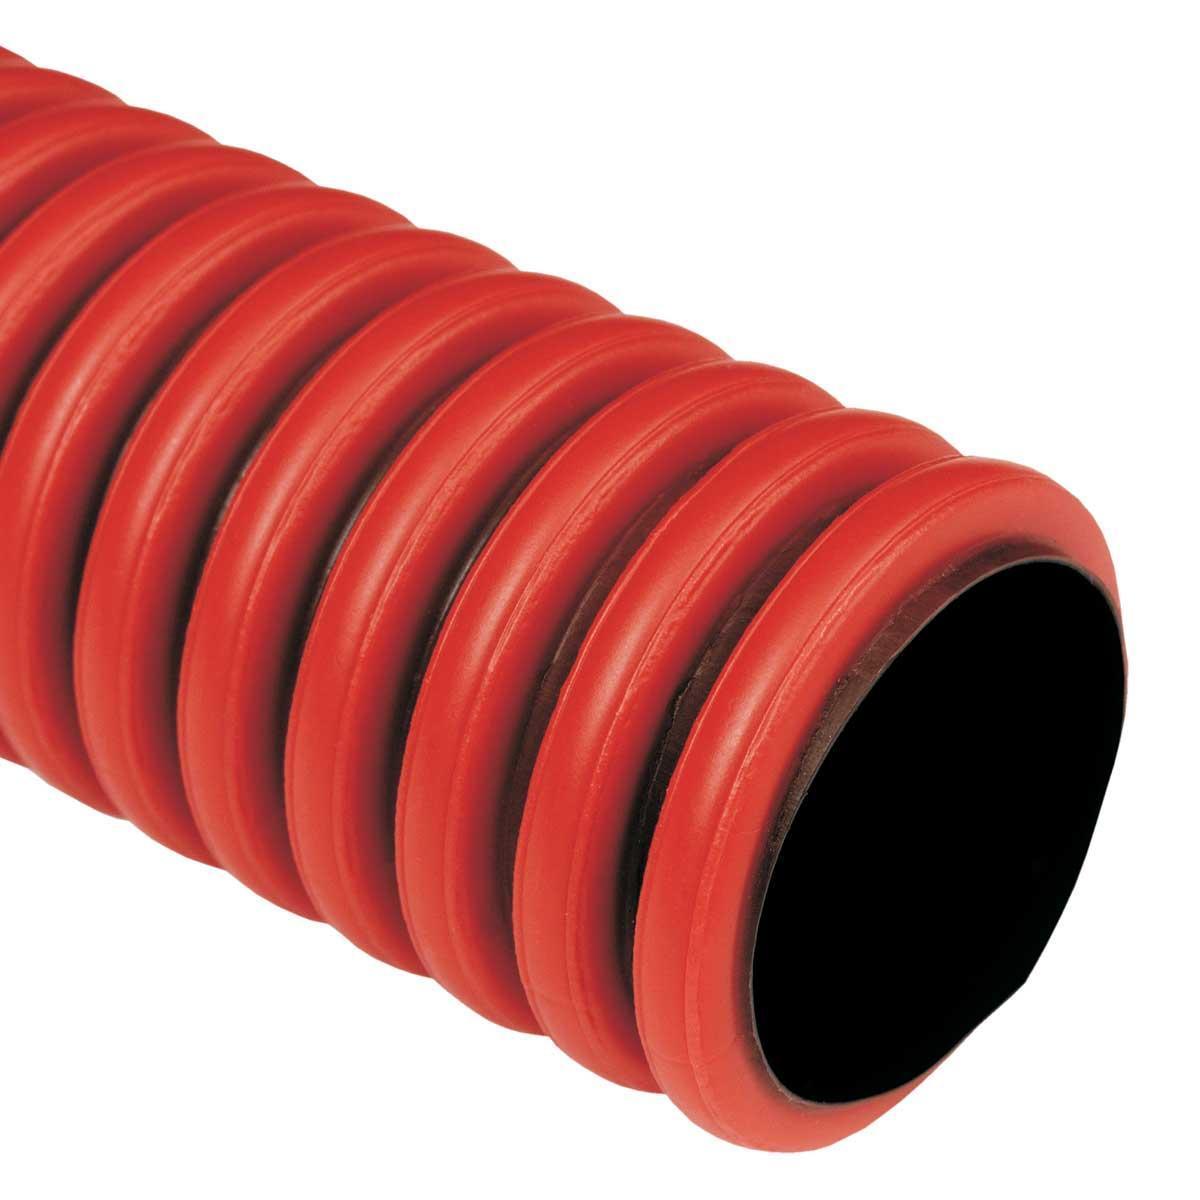 Труба гофрована гнучка двошарова Копофлекс, чорна, протяжка,; Ø40мм; поліетилен HDPE; Бухта 50 м